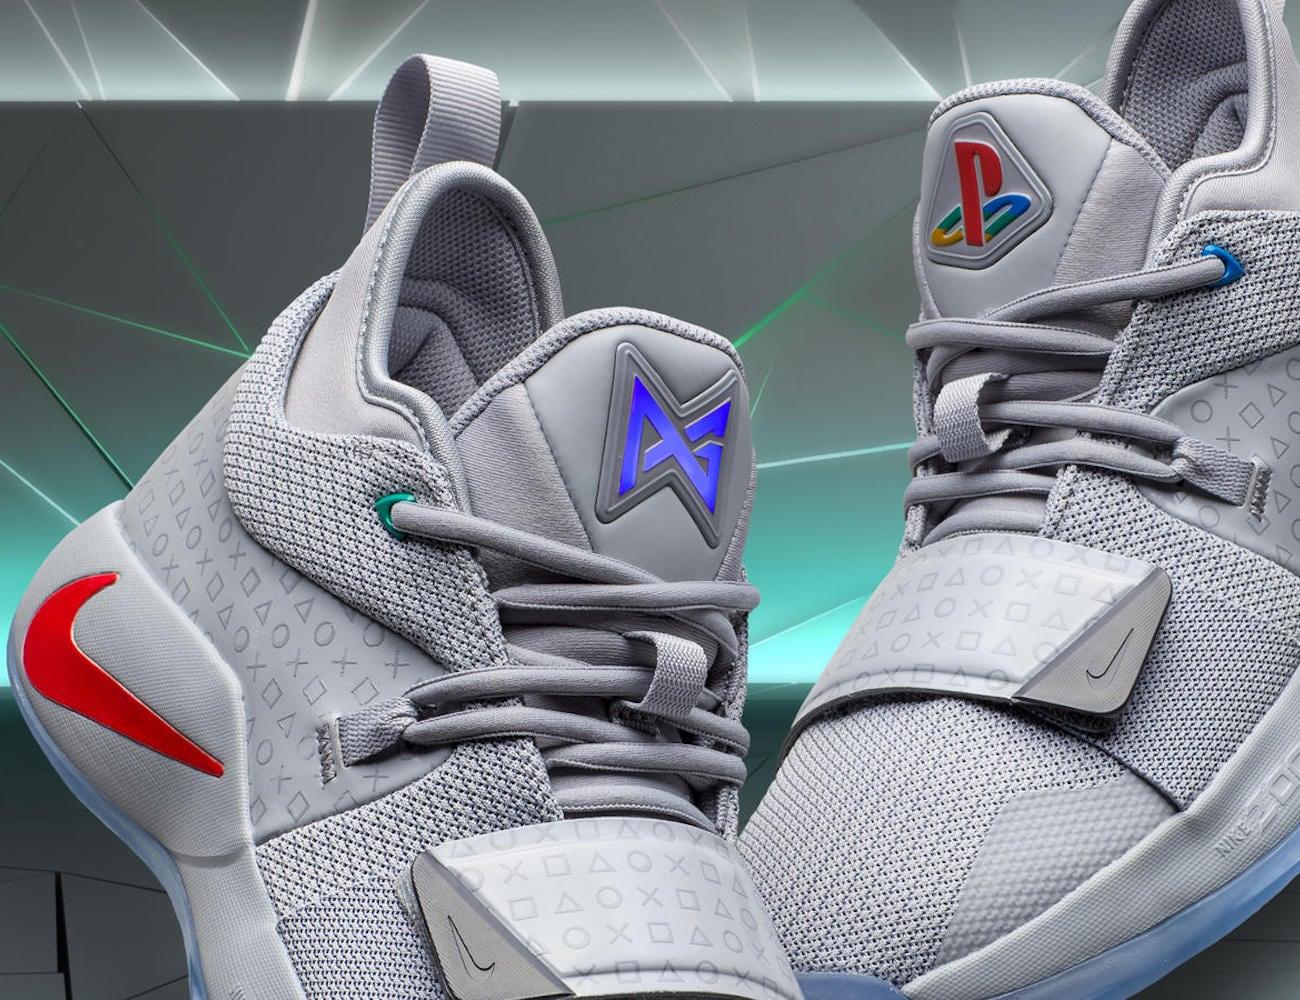 Nike PG 2.5 x PlayStation Colorway Footwear